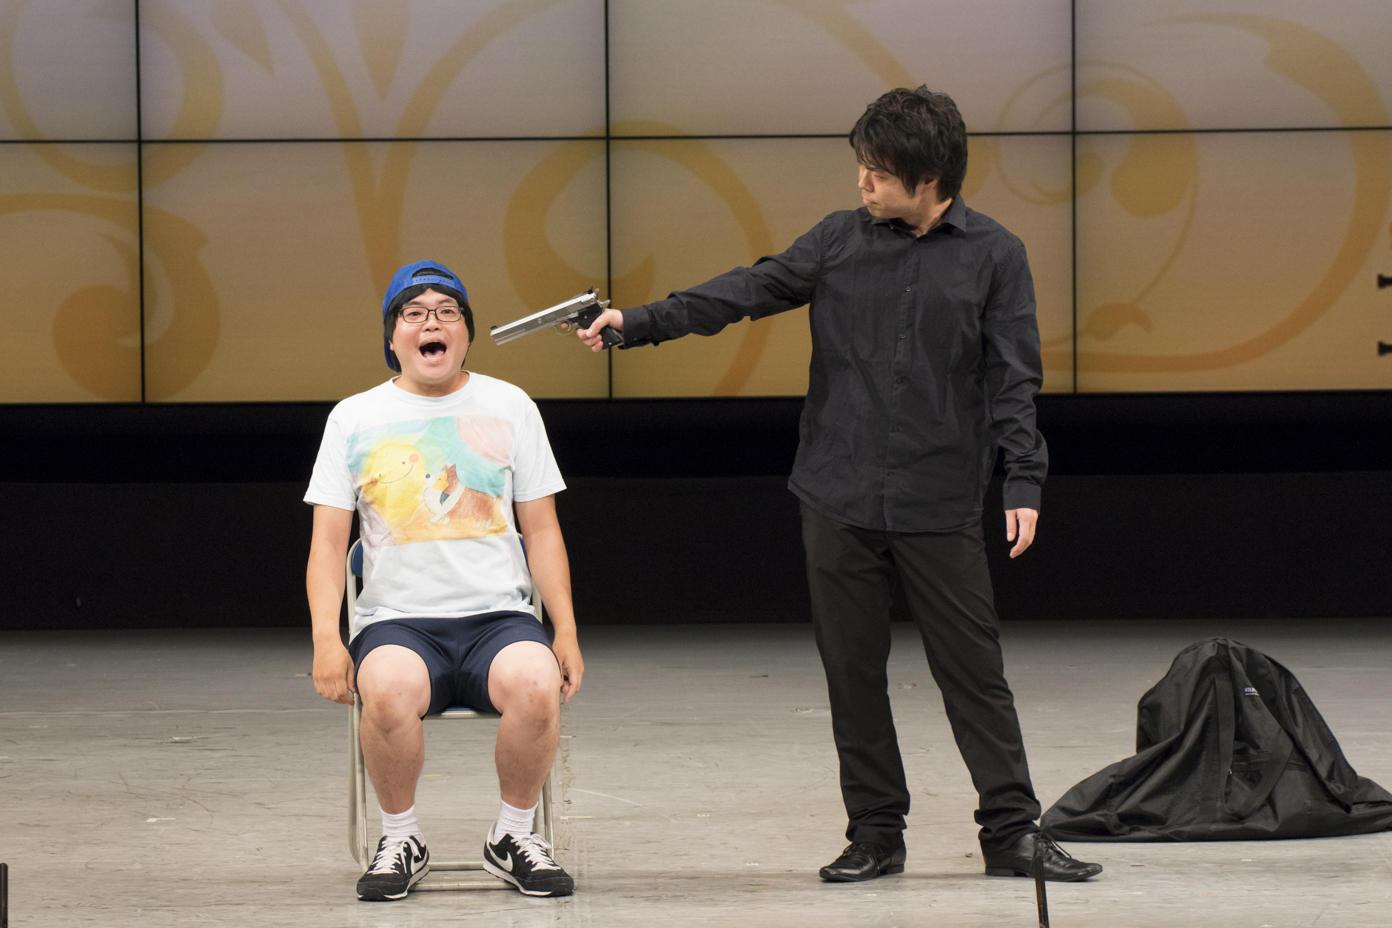 http://news.yoshimoto.co.jp/20160824233053-a6f5631de45500d285ef0623626e6de5c17cb092.jpg